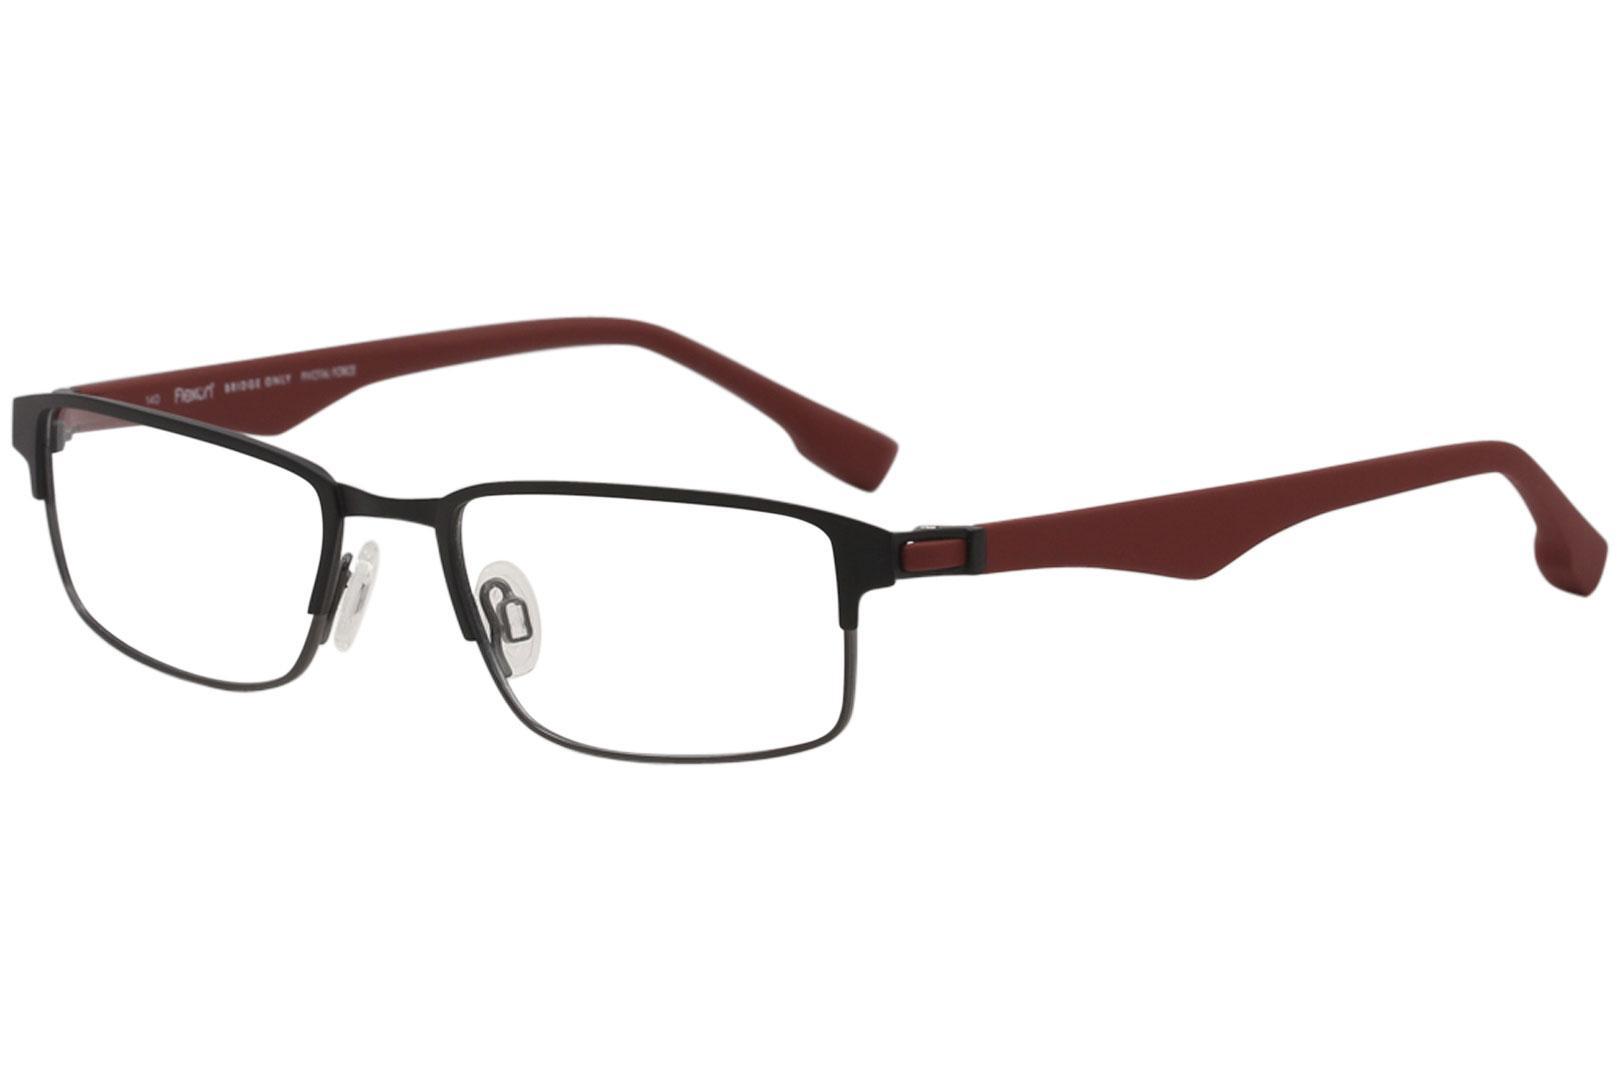 42c3b5fc865d Flexon Men s Eyeglasses E10162 E 1062 Full Rim Optical Frame by Flexon